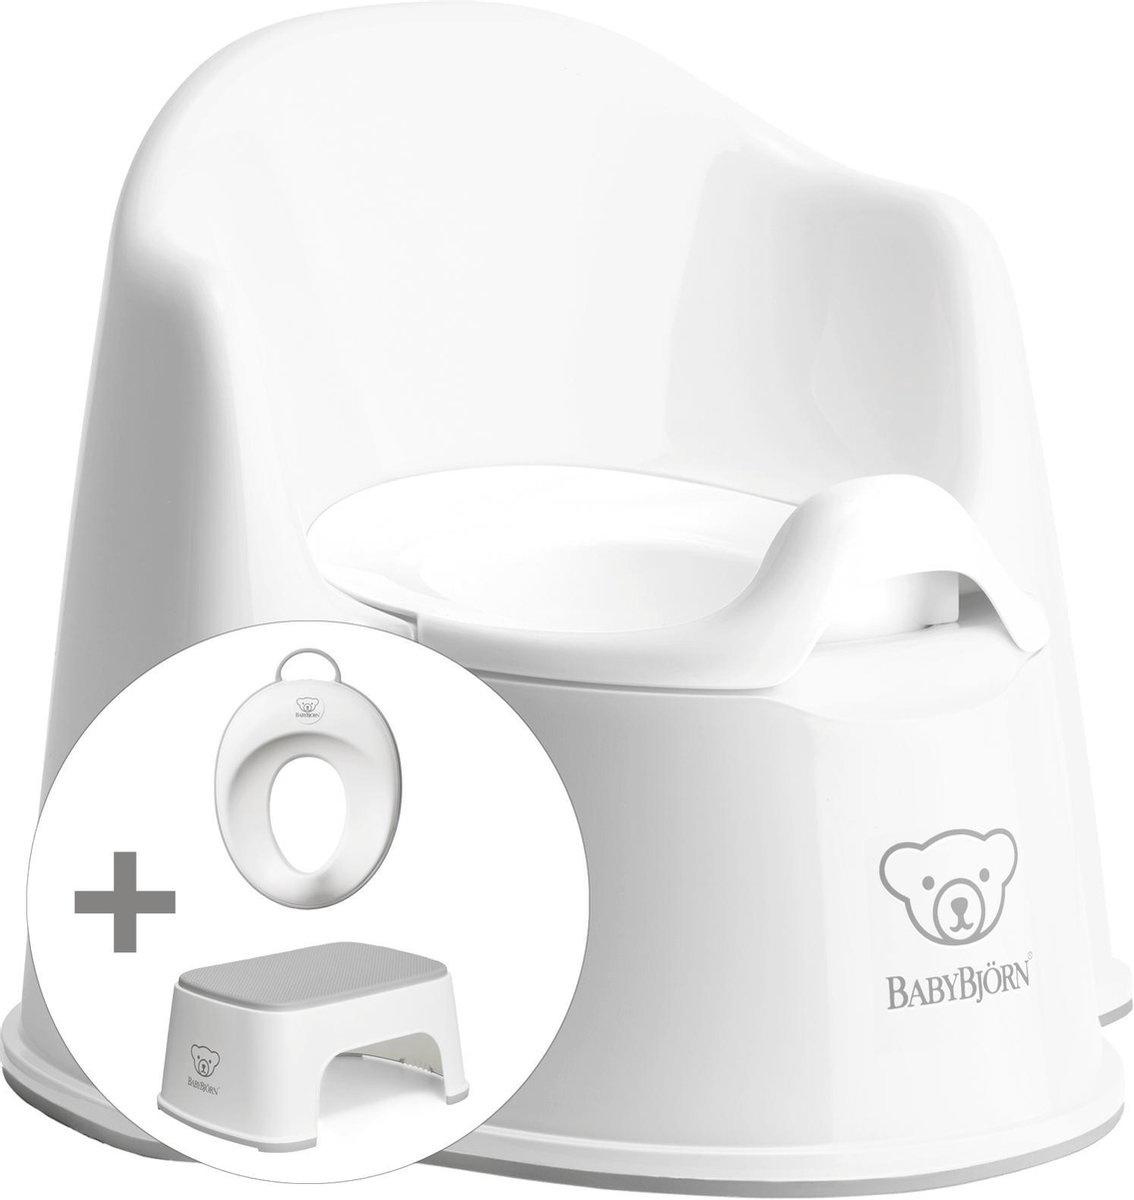 BABYBJÖRN Babybjörn startpakket bestaande uit Plaspotje Zetel, Opstapkrukje en Toilettrainer - Wit g